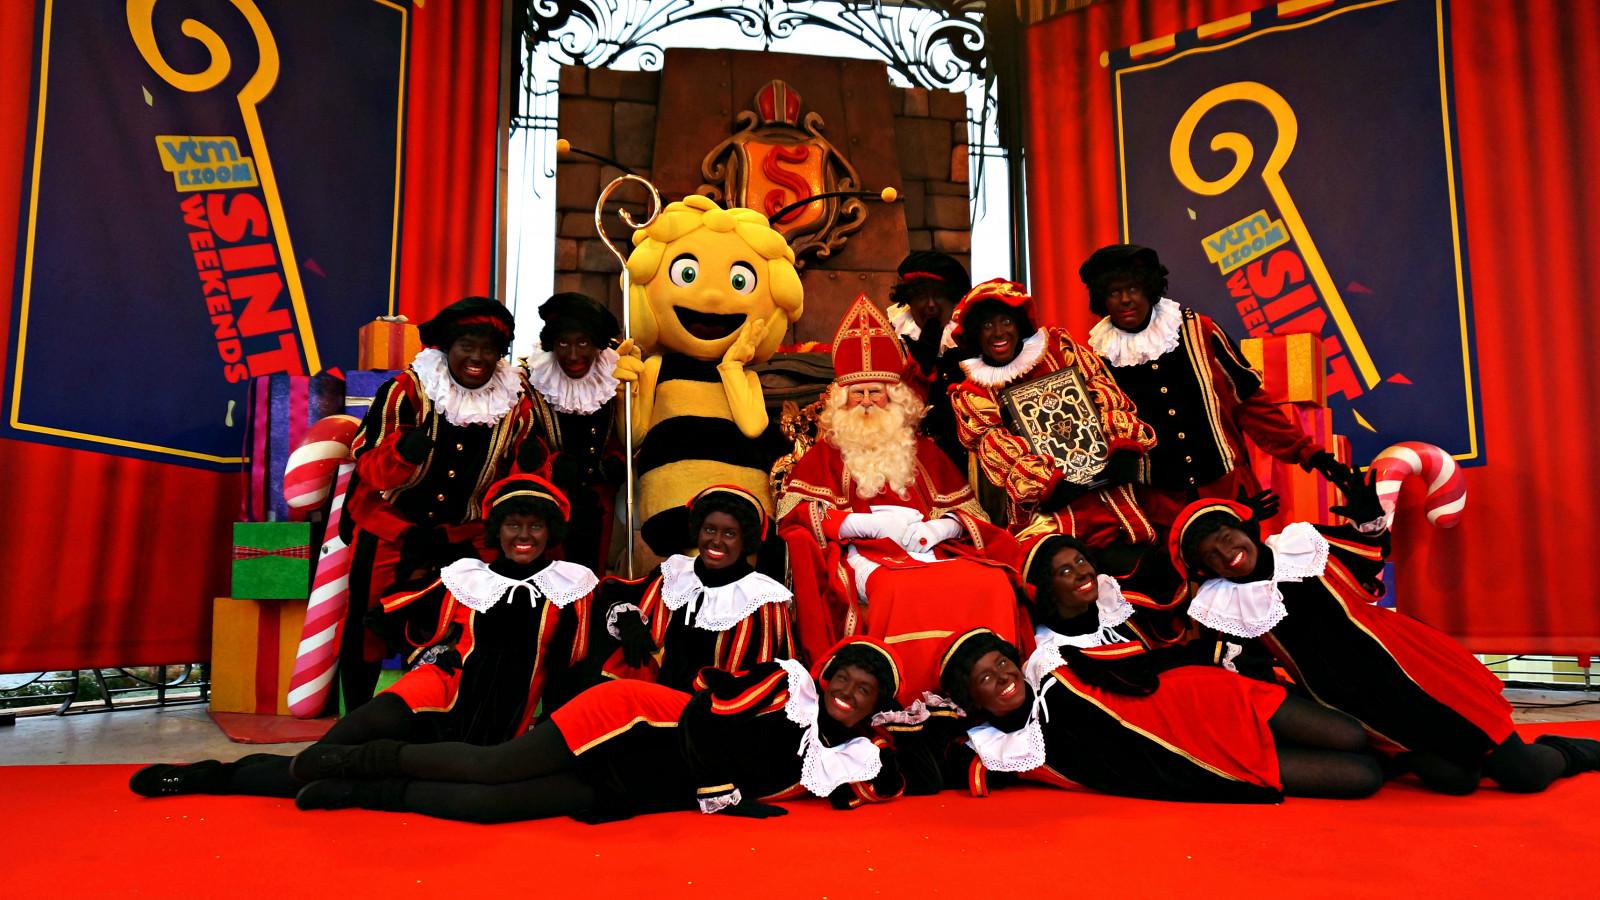 Plopsaland De Panne et Plopsa Indoor Hasselt fêtent l'arrivée du grand Saint-Nicolas